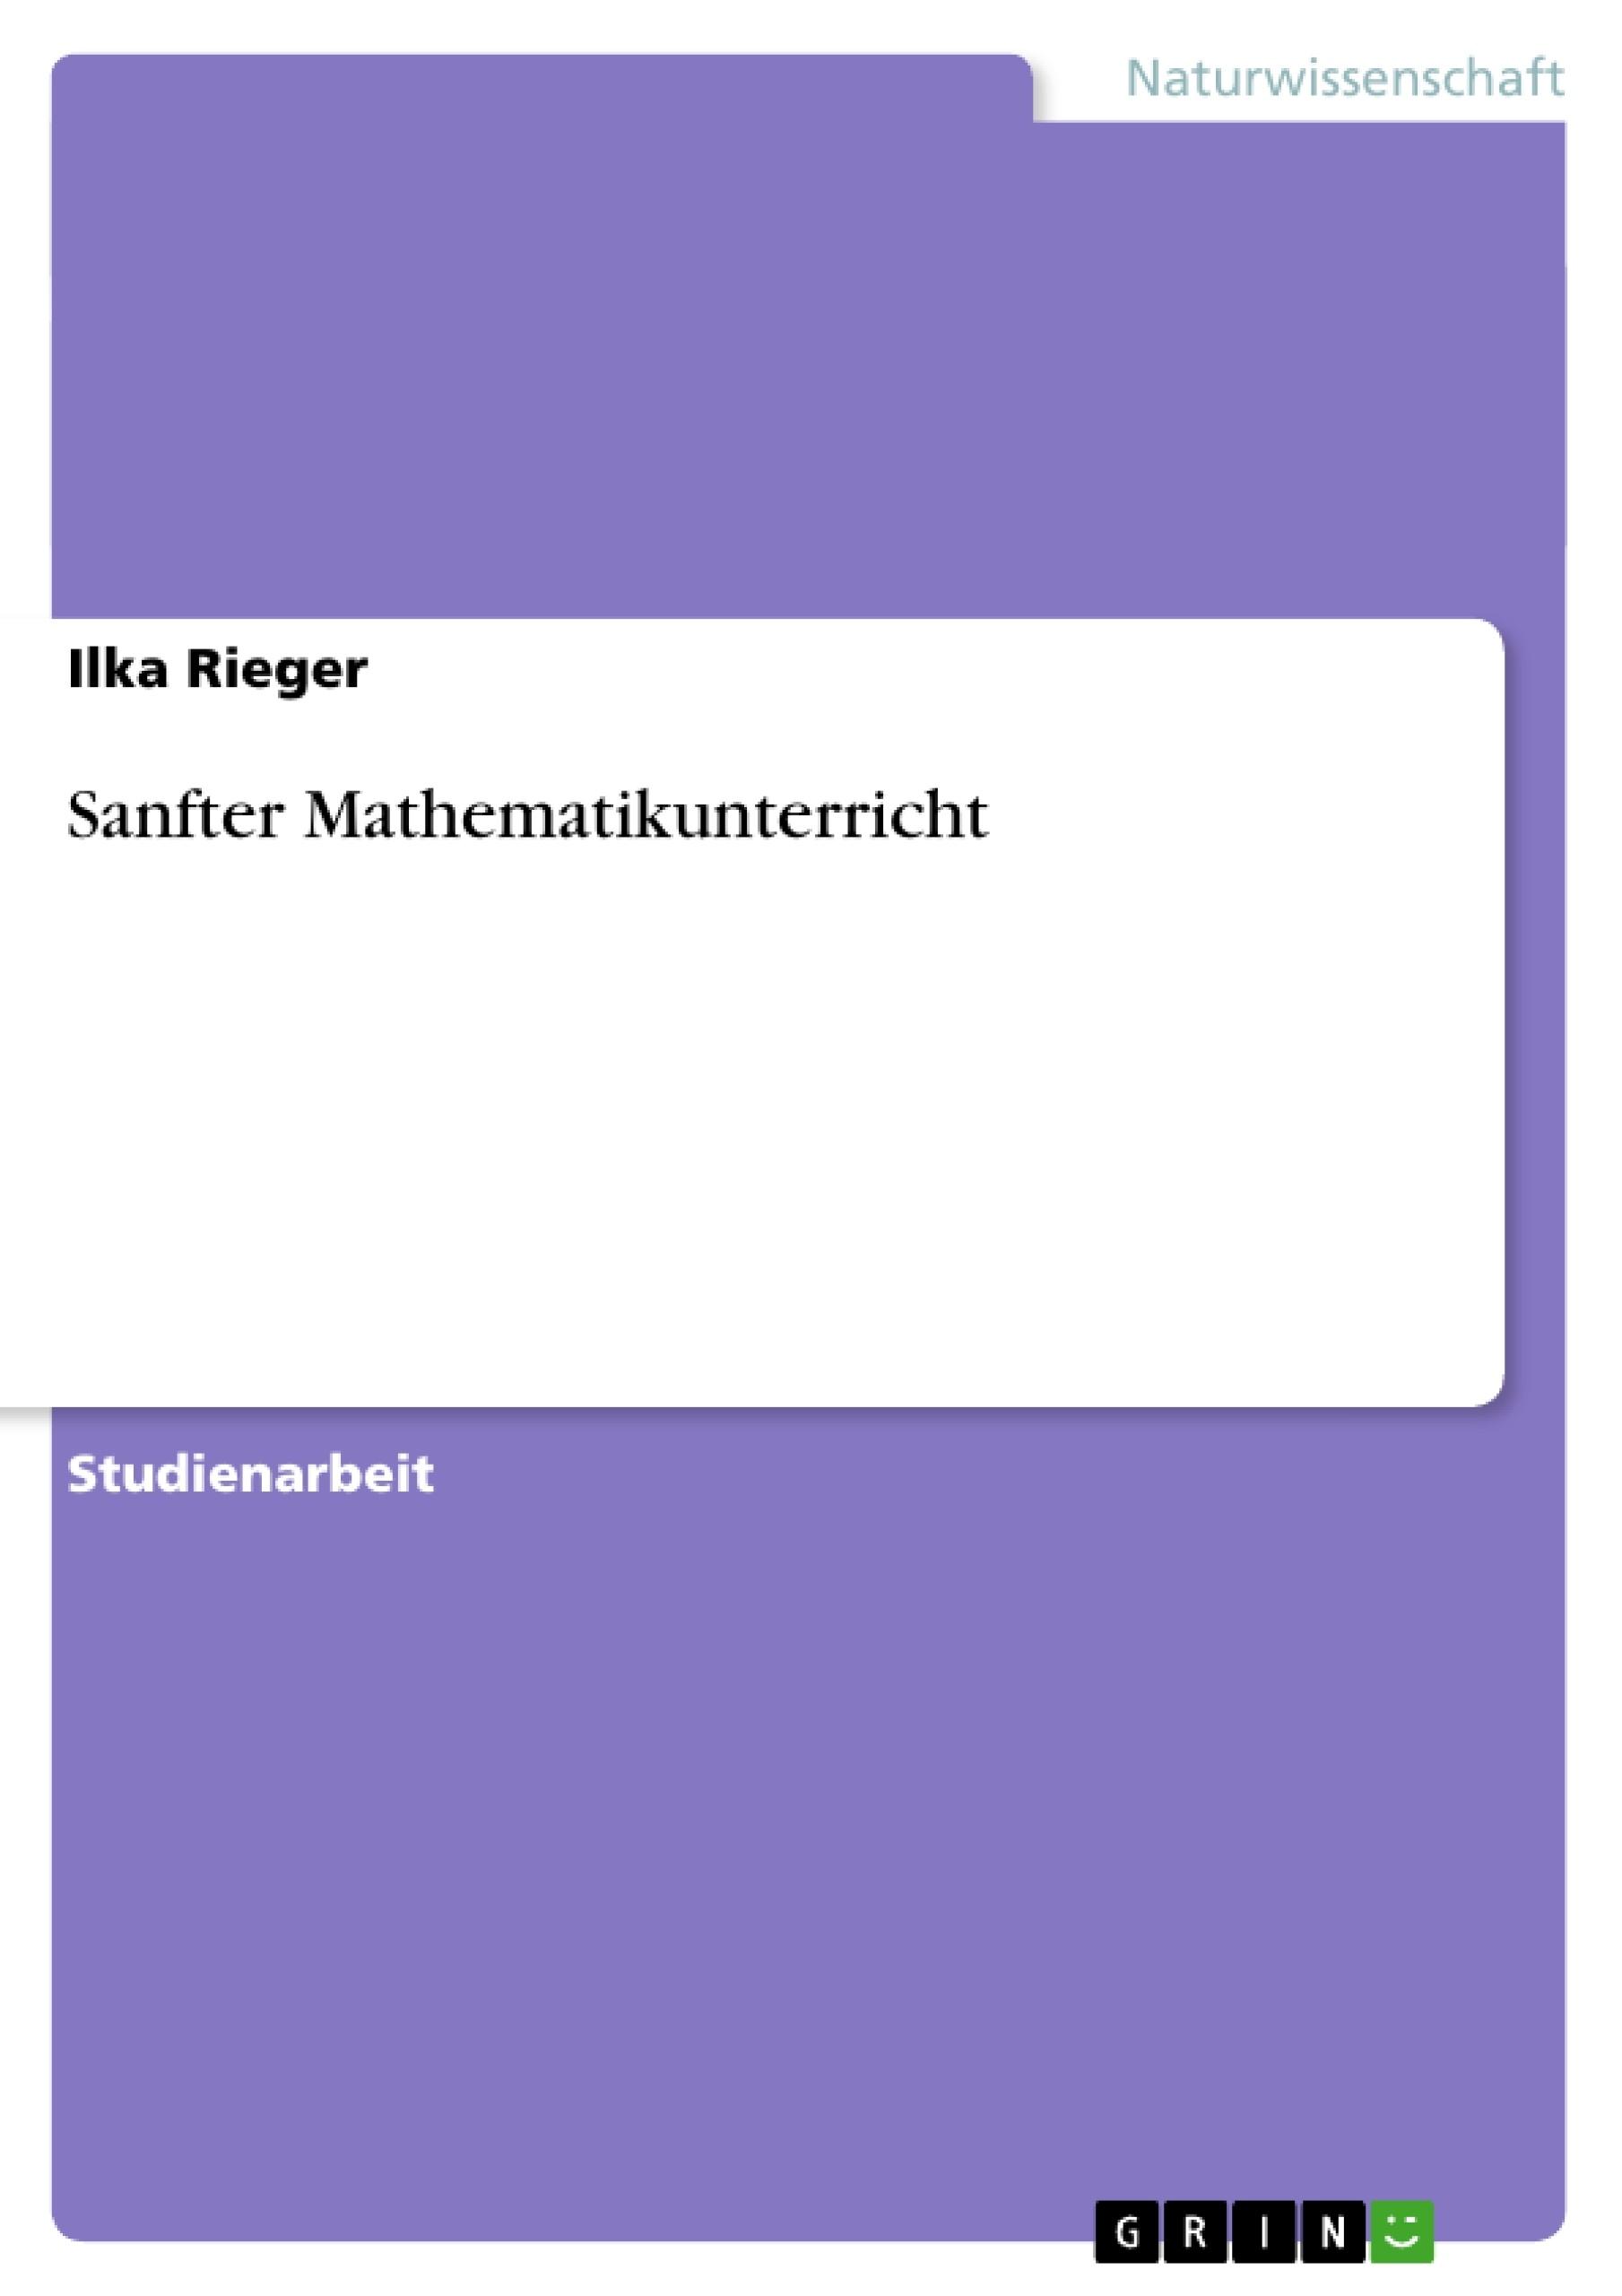 Titel: Sanfter Mathematikunterricht